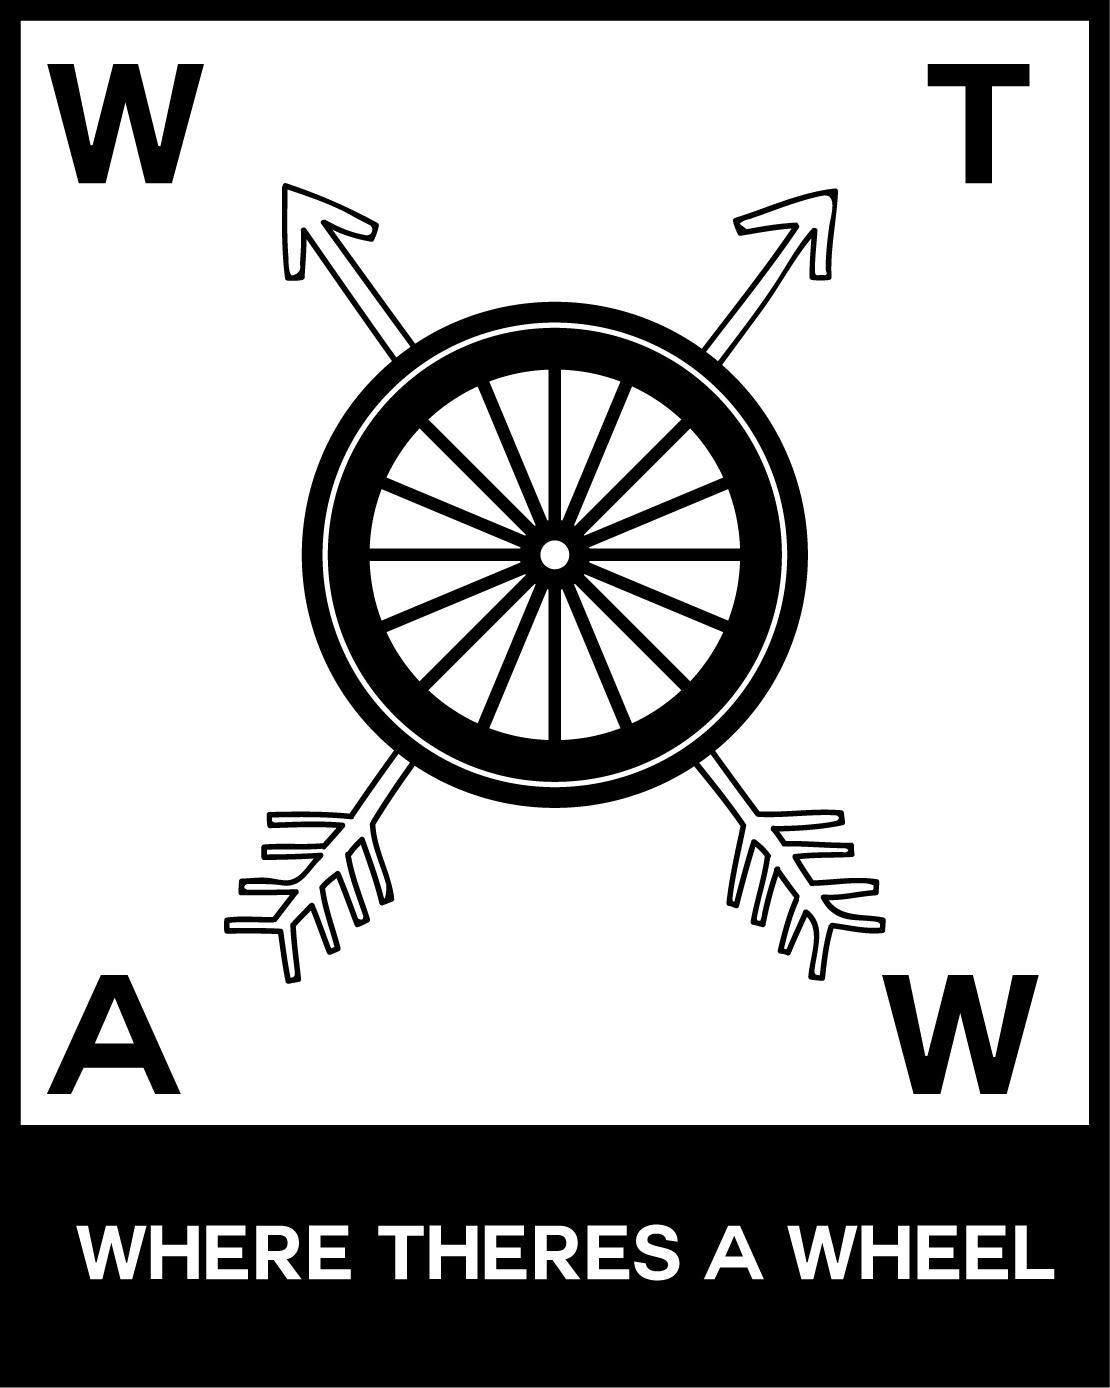 where-theres-a-wheel-logo